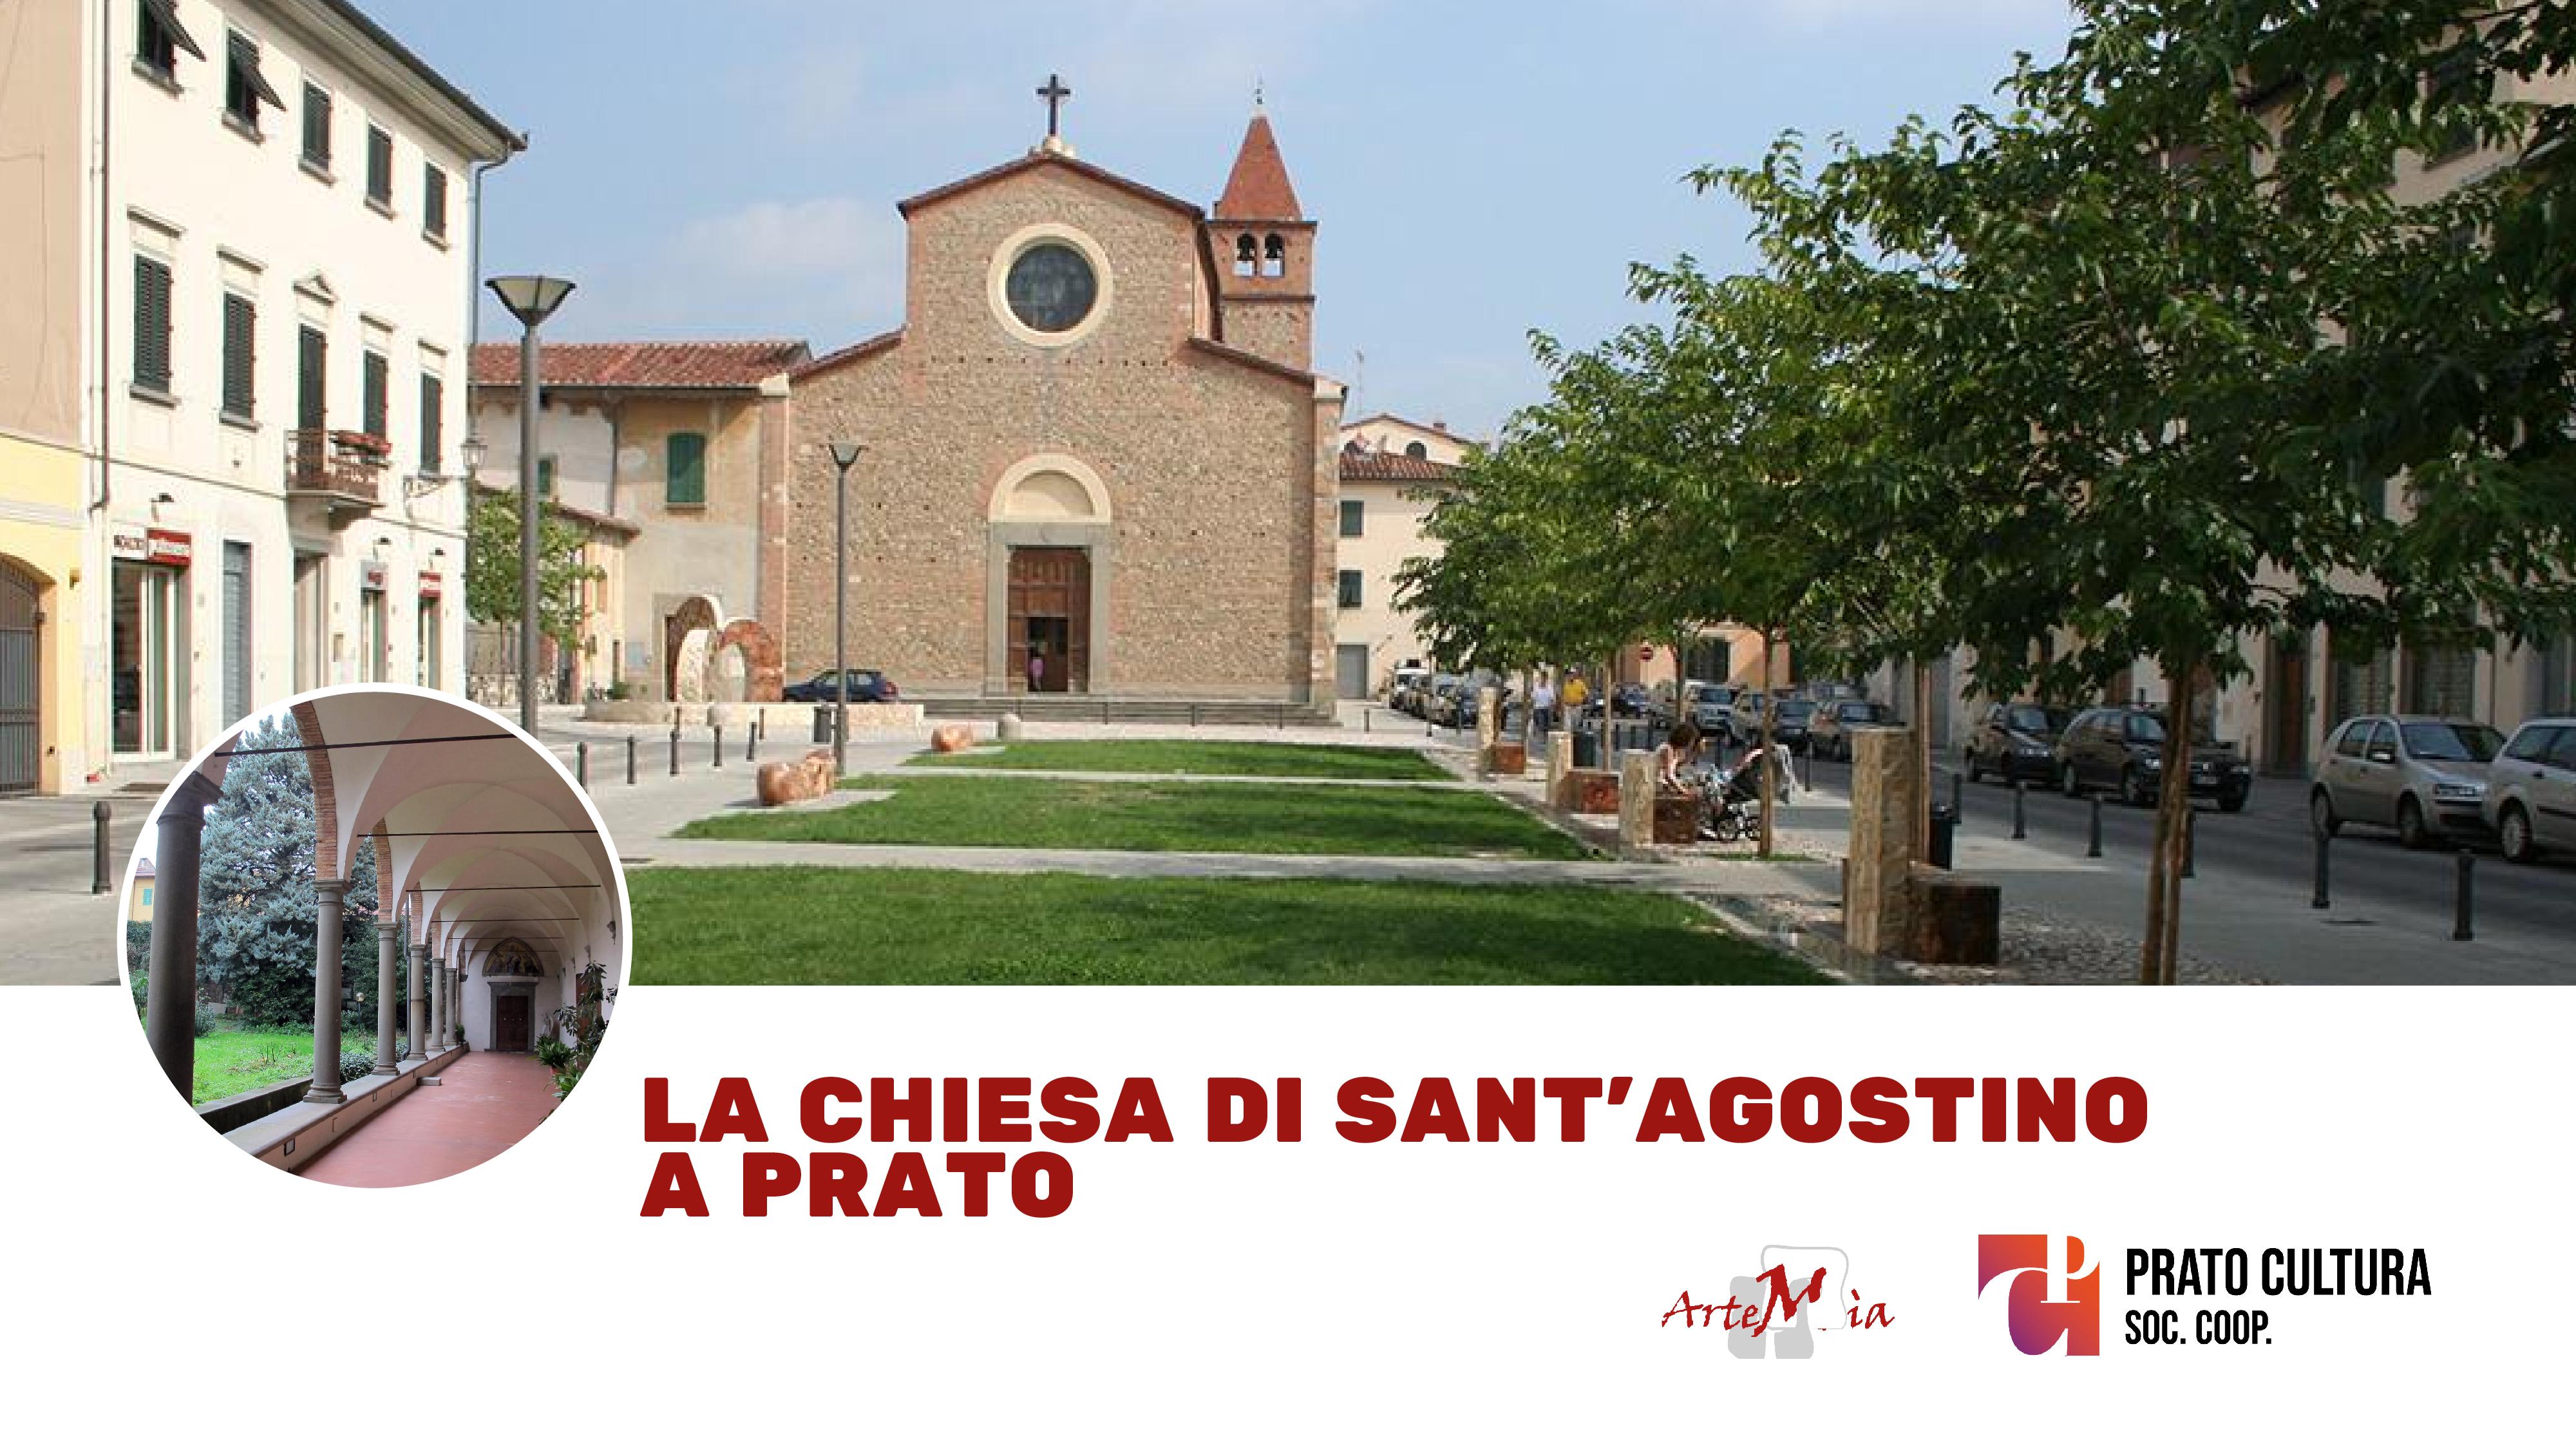 Visita: La chiesa di Sant'Agostino a Prato